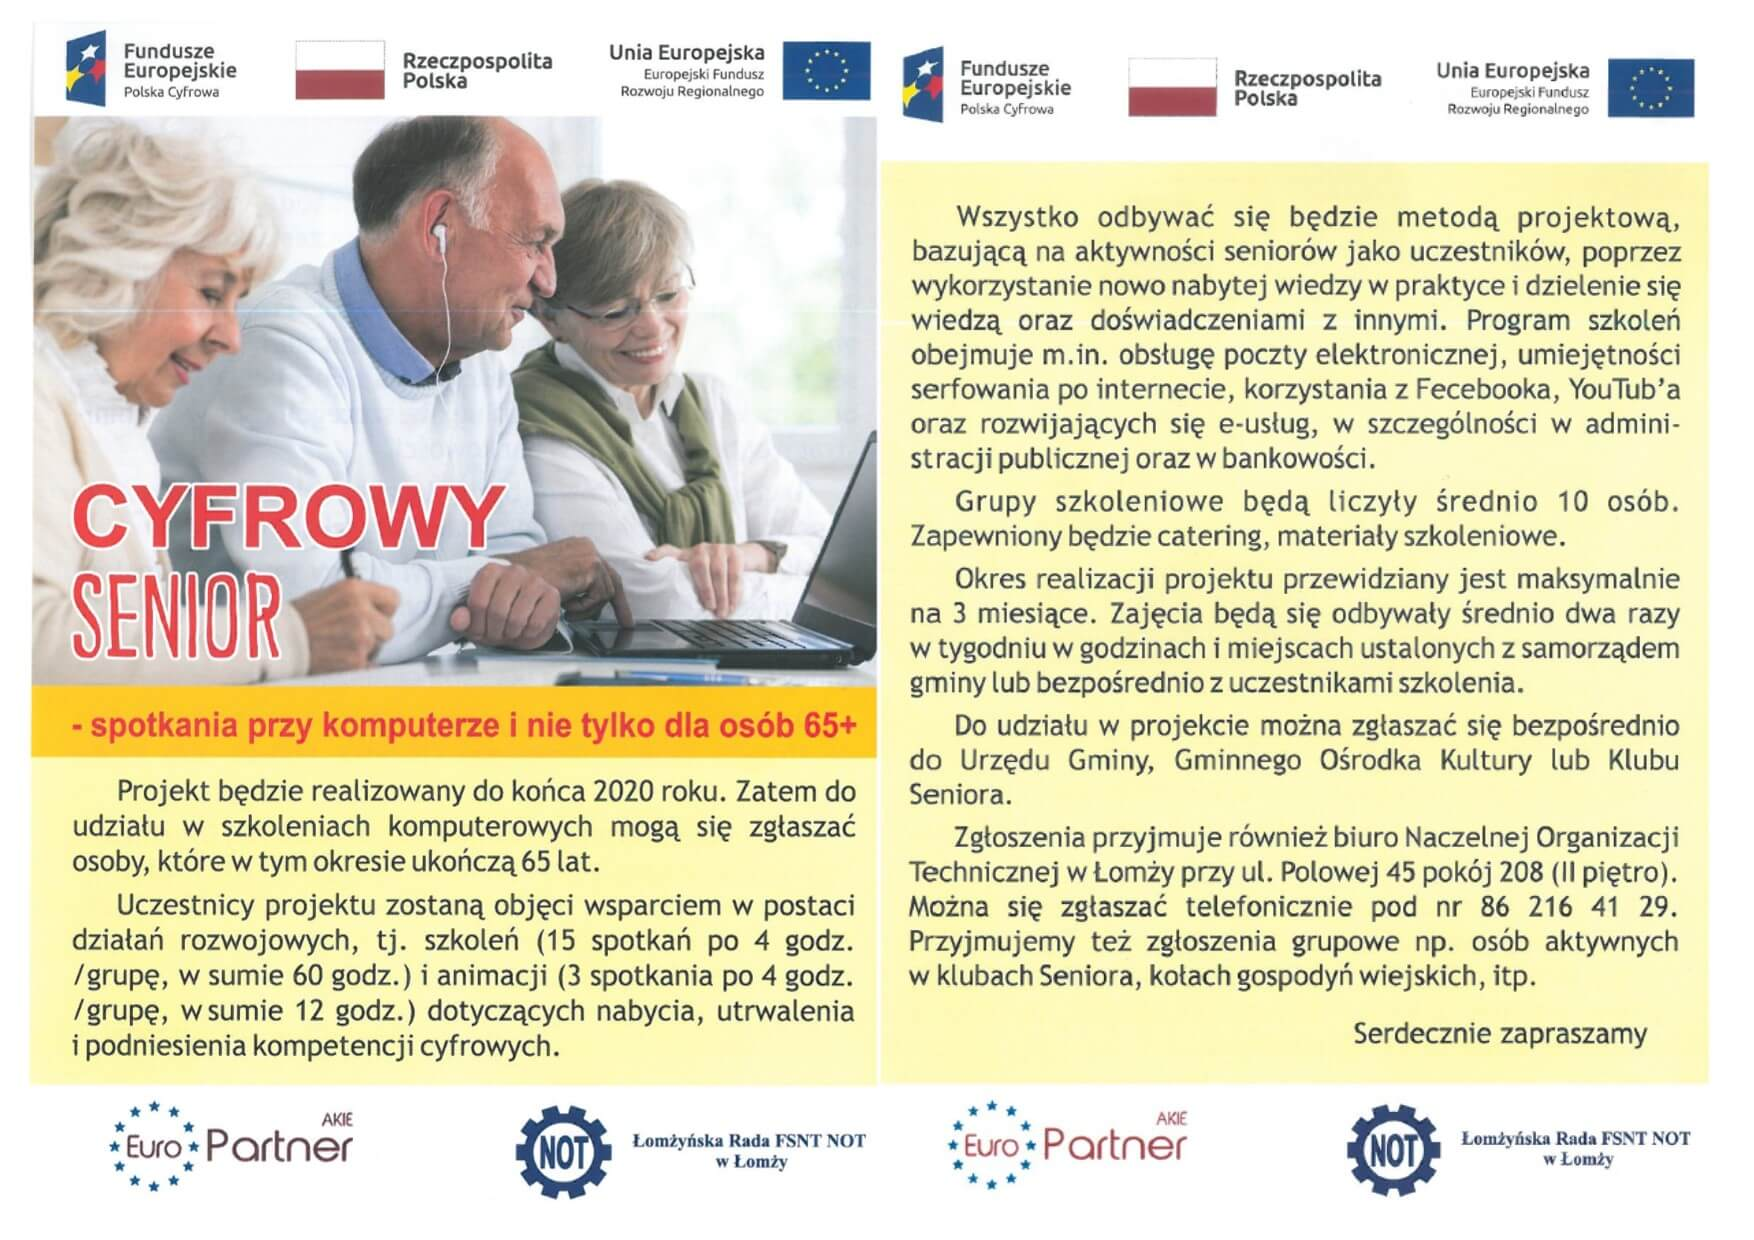 Cyfrowy Senior – zaproszenie do udziału w szkoleniach